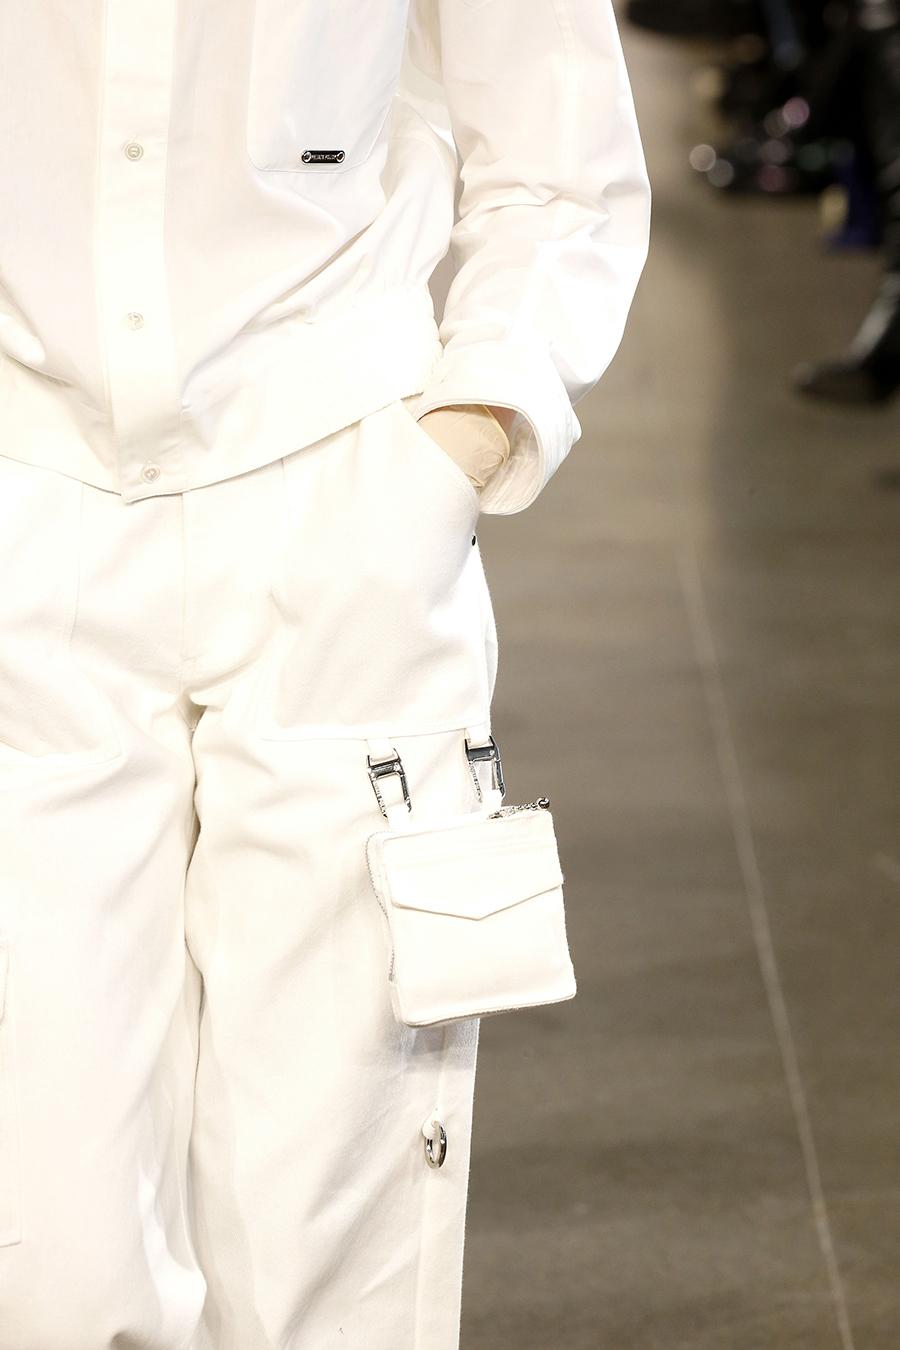 модная сумка поясная бананка на пояс осень зима 2020 2021 белая квадратная